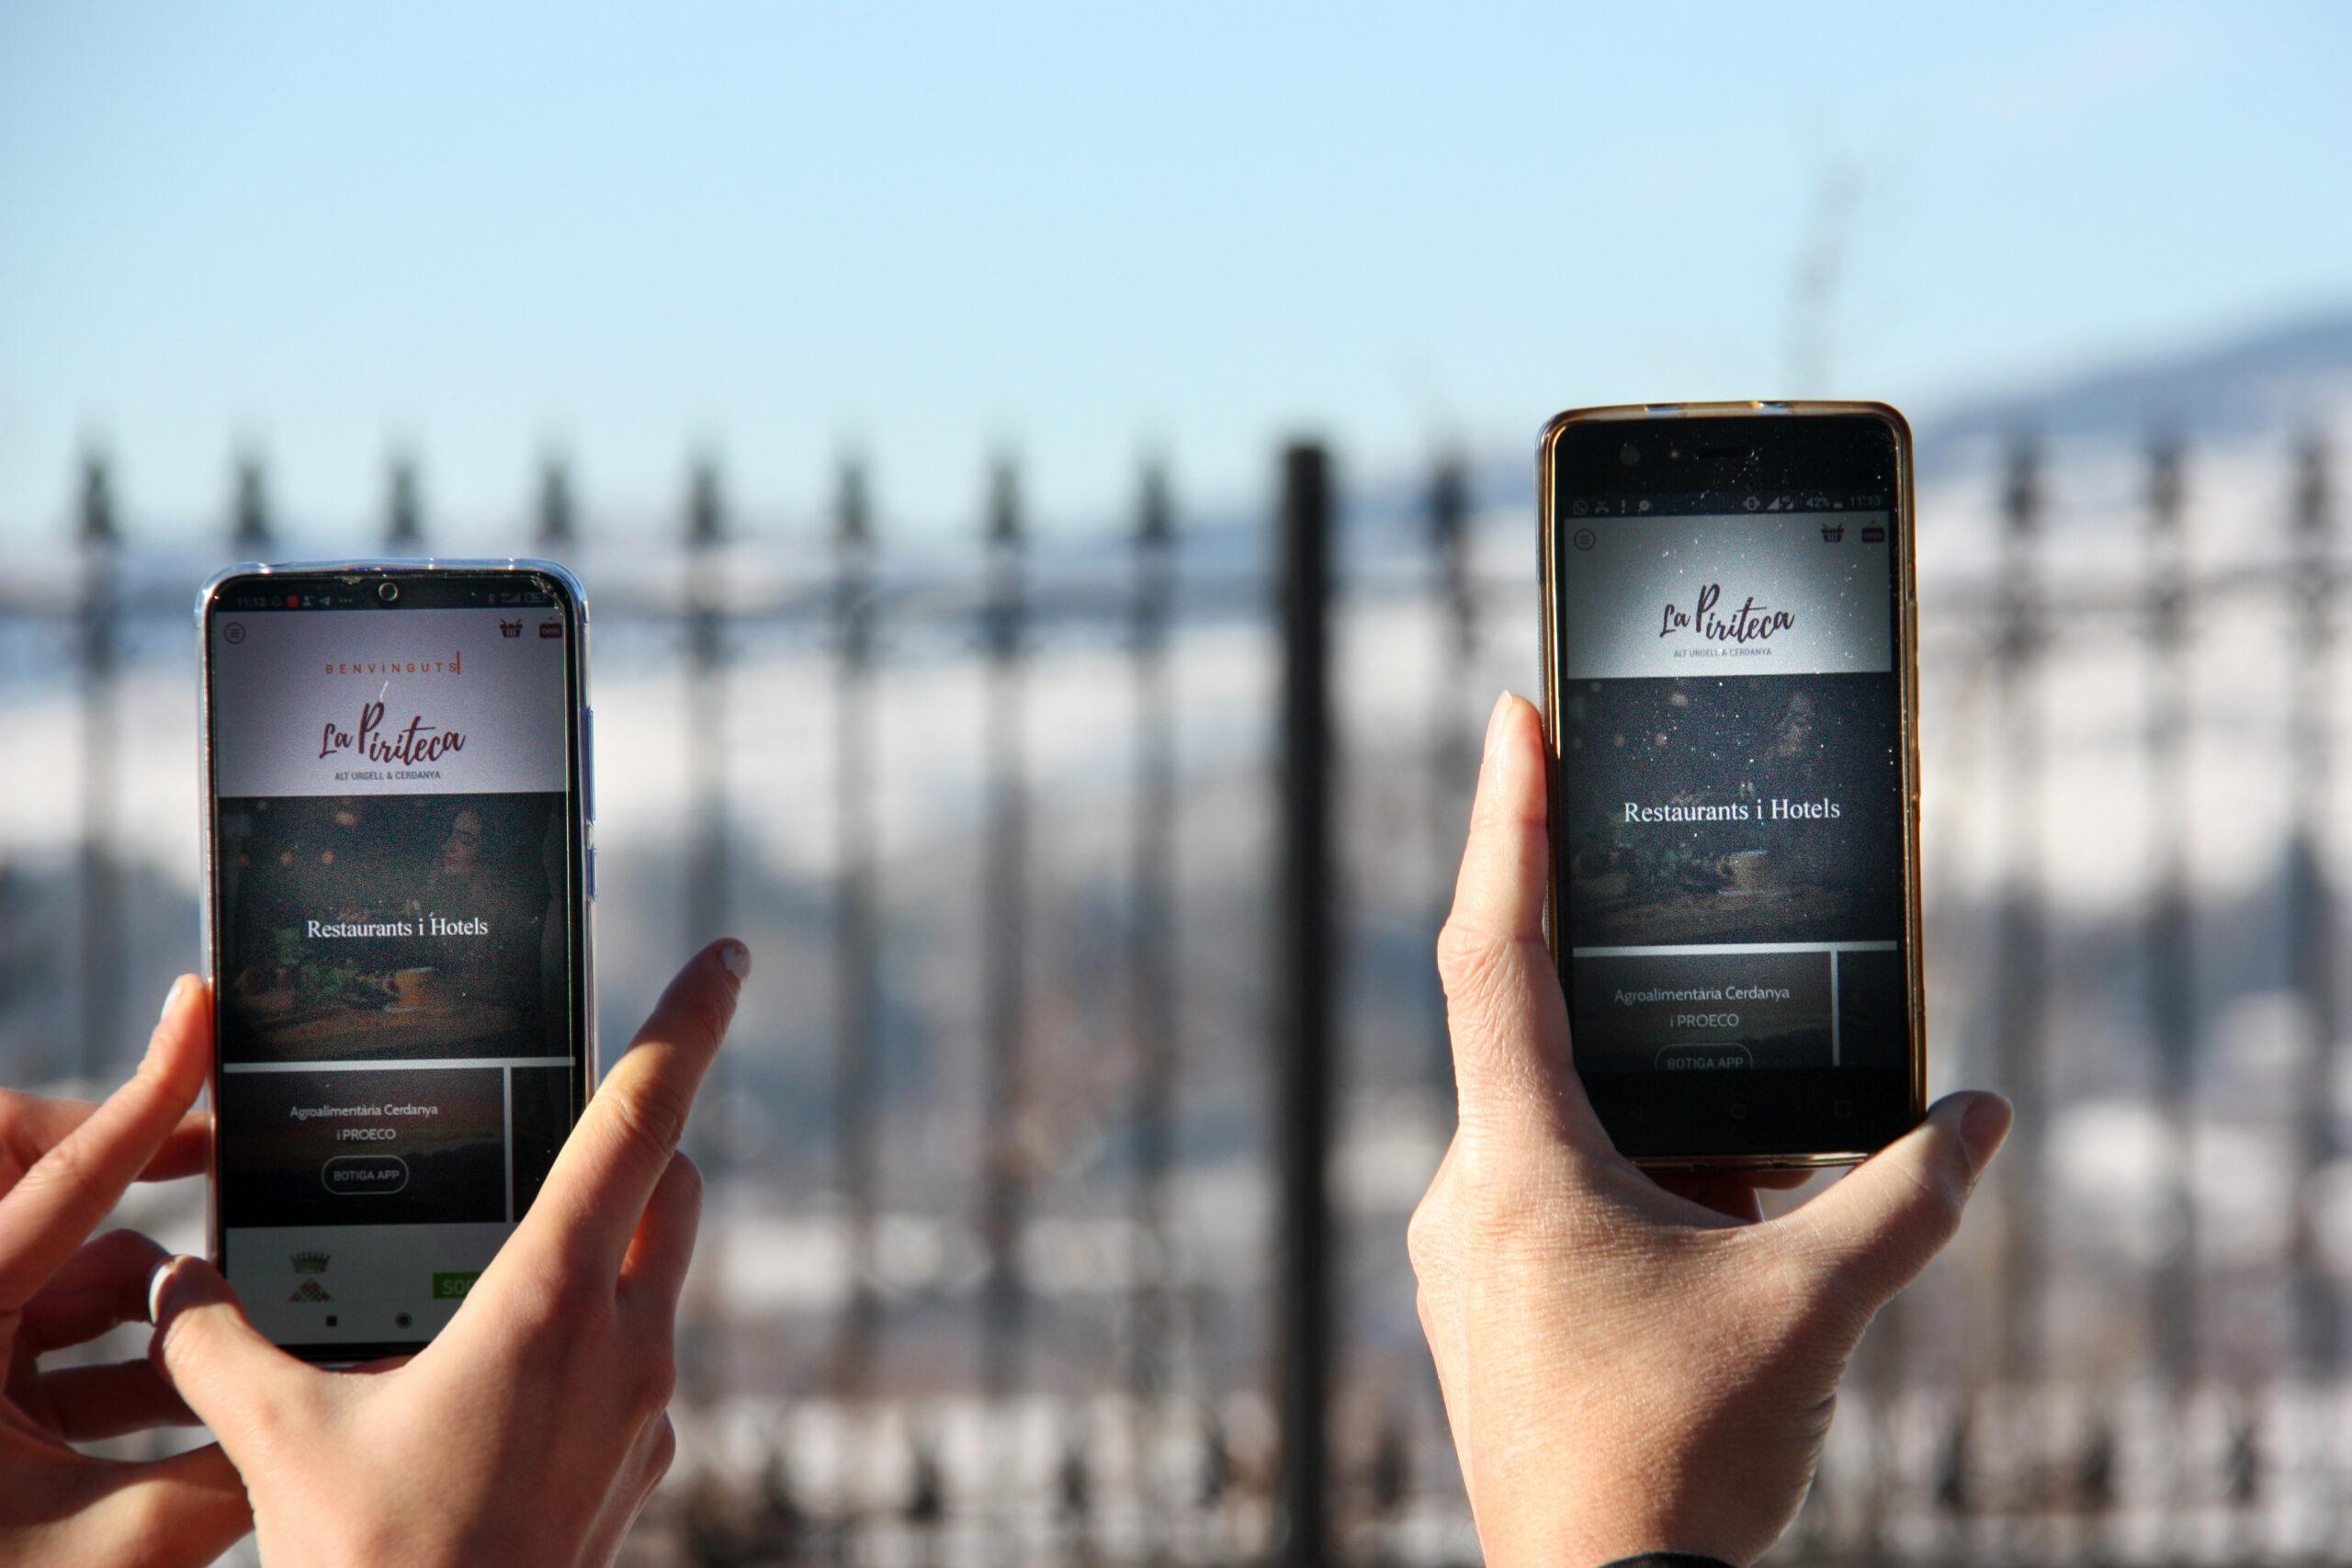 Dos telèfons mòbils amb l'aplicació 'La Piriteca' oberta i un paisatge de la Cerdanya nevada al fons | ACN